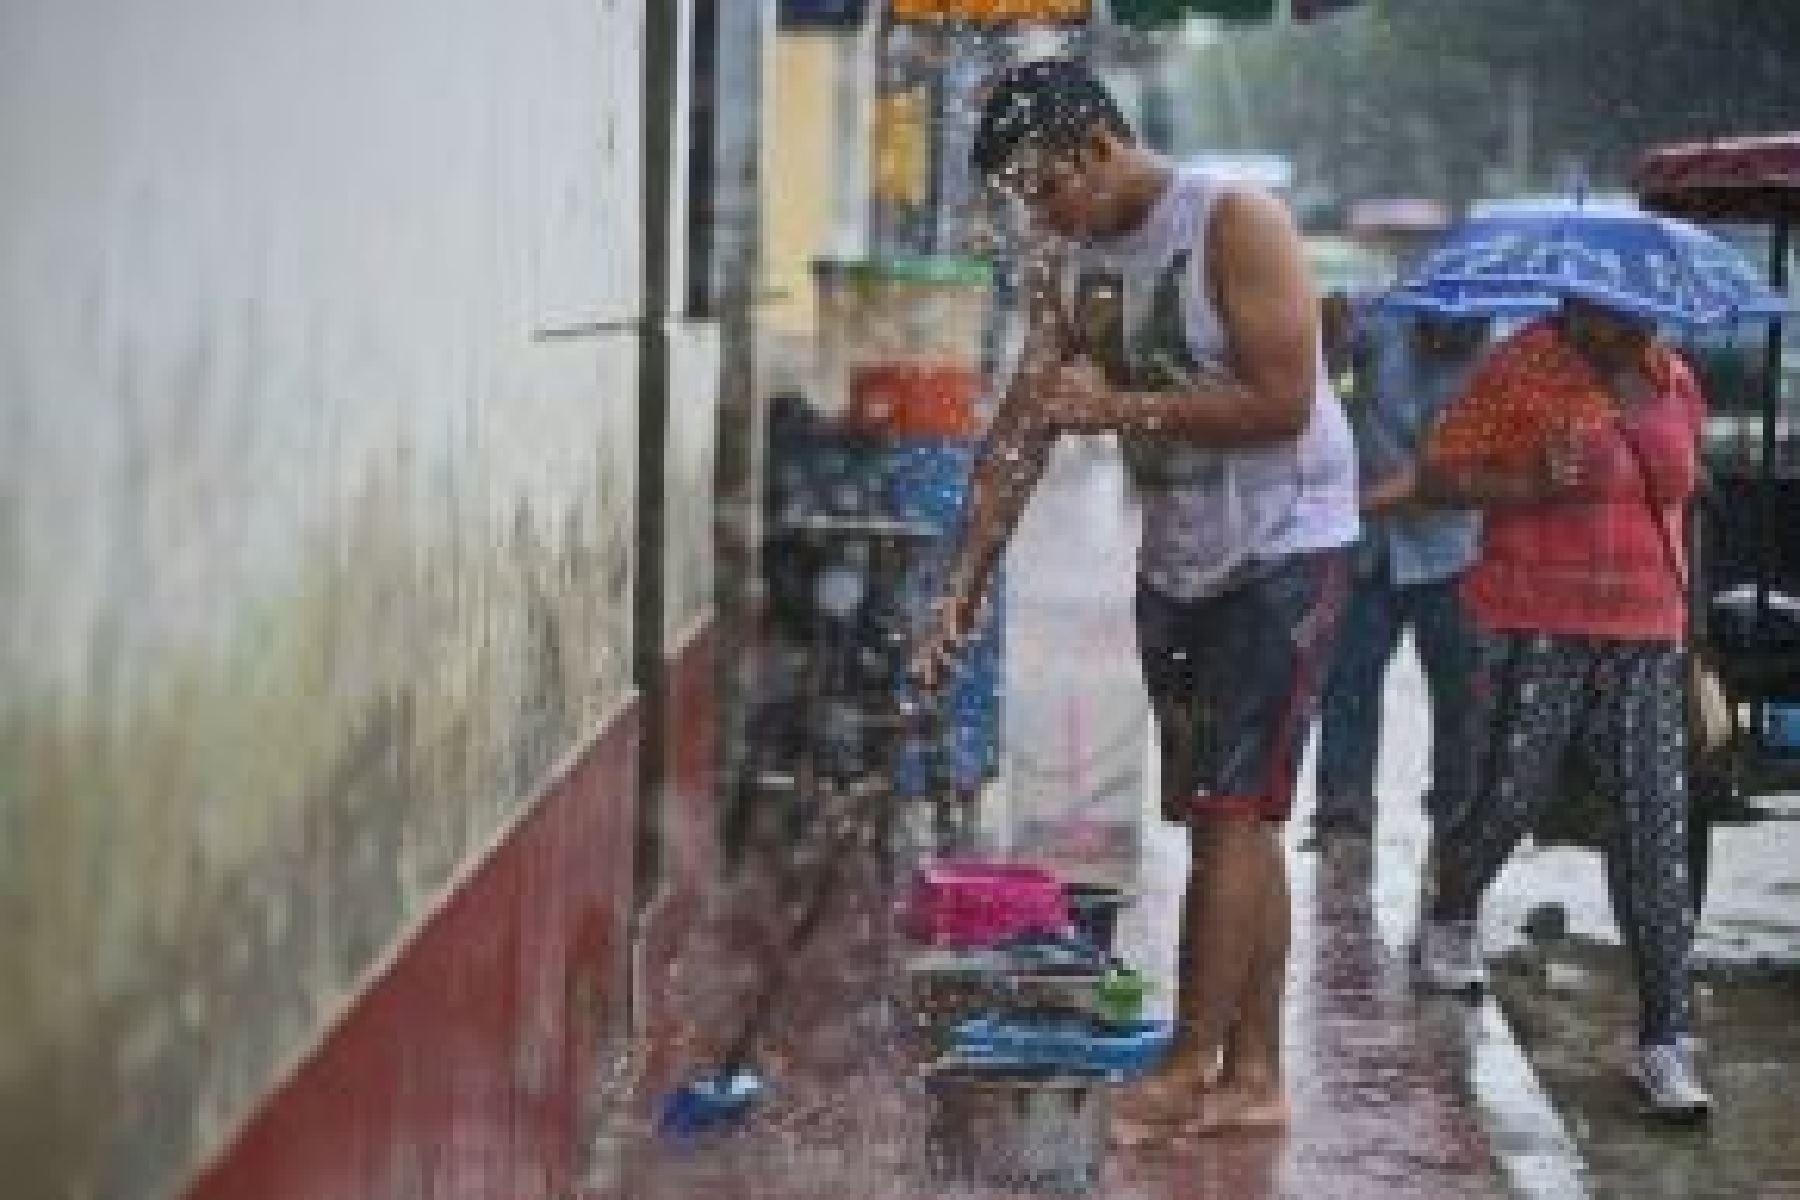 Hay condiciones favorables para que en la región Piura se presenten lluvias hasta de fuerte intensidad a partir de la quincena de febrero, las mismas que se mantendrán incluso hasta el mes de marzo, informó el jefe del  Servicio Nacional de  Meteorología e Hidrología (Senamhi), Piura Jorge Carranza. ANDINA/Difusión